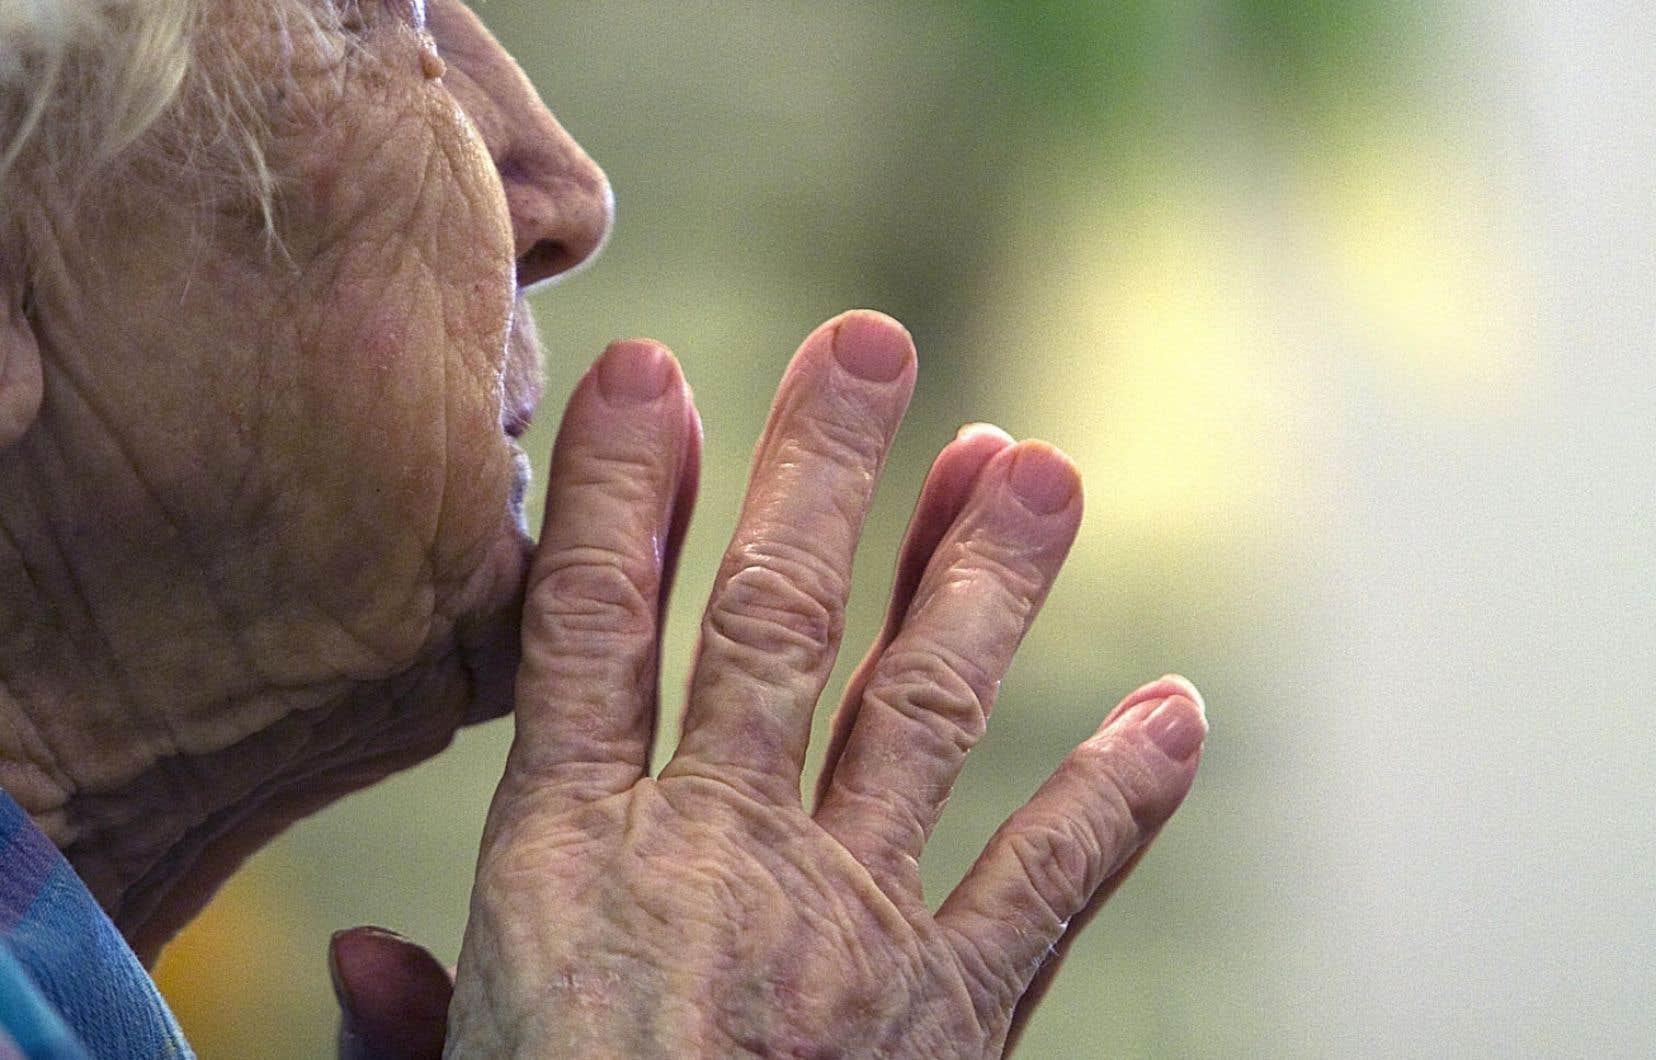 La majorité des proches aidants sont des femmes. Elles vivent plus longtemps que les hommes et vieillissent plus souvent seules.